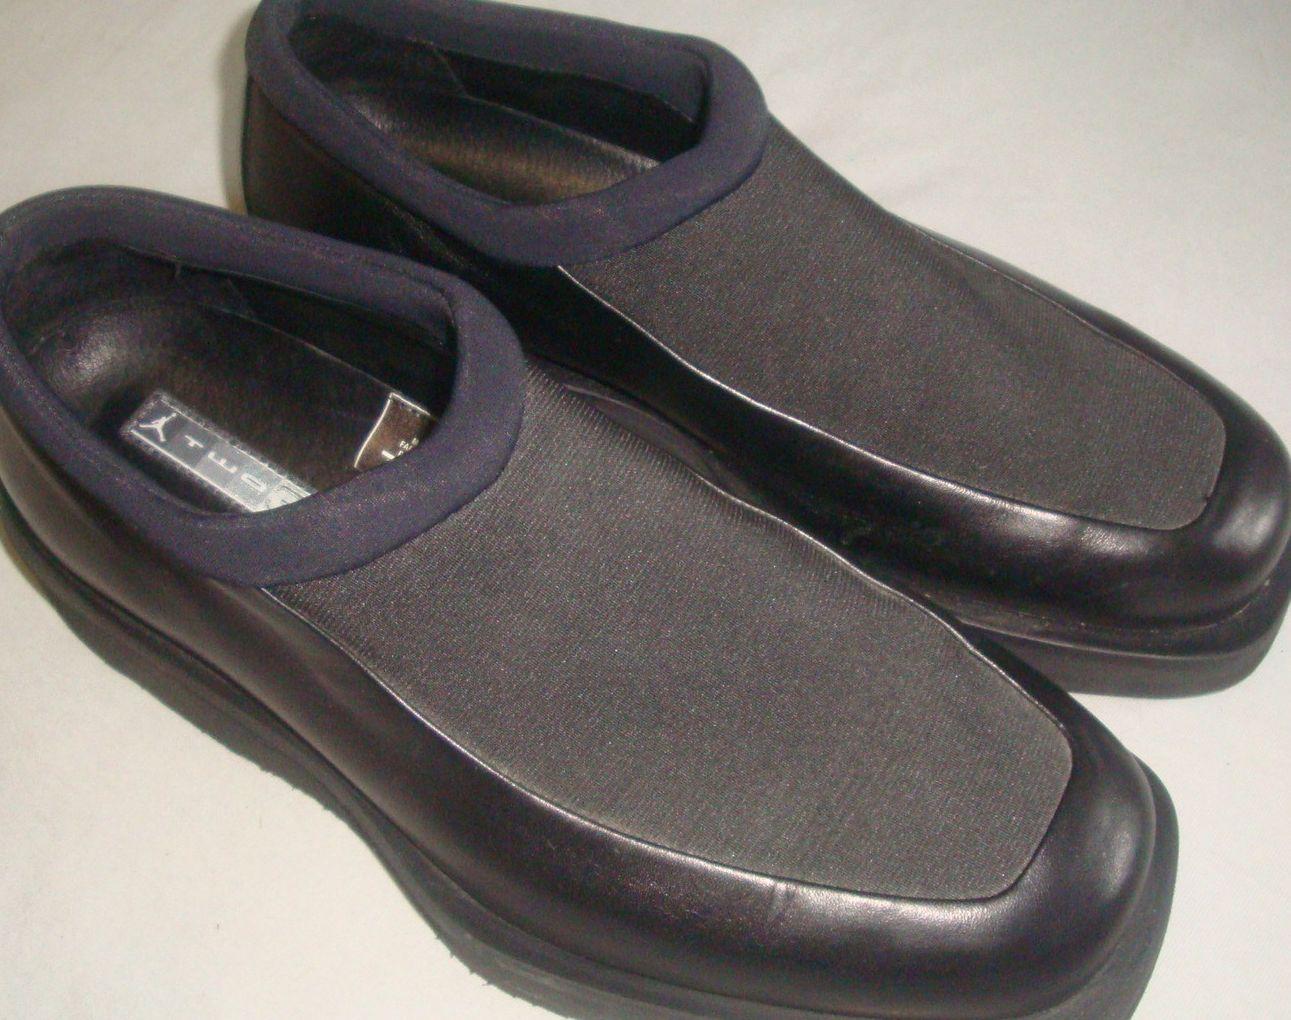 watch 7d3a8 861d3 Vintage Gear: Jordan Two3 Vibram Sole Shoes - Air Jordans ...